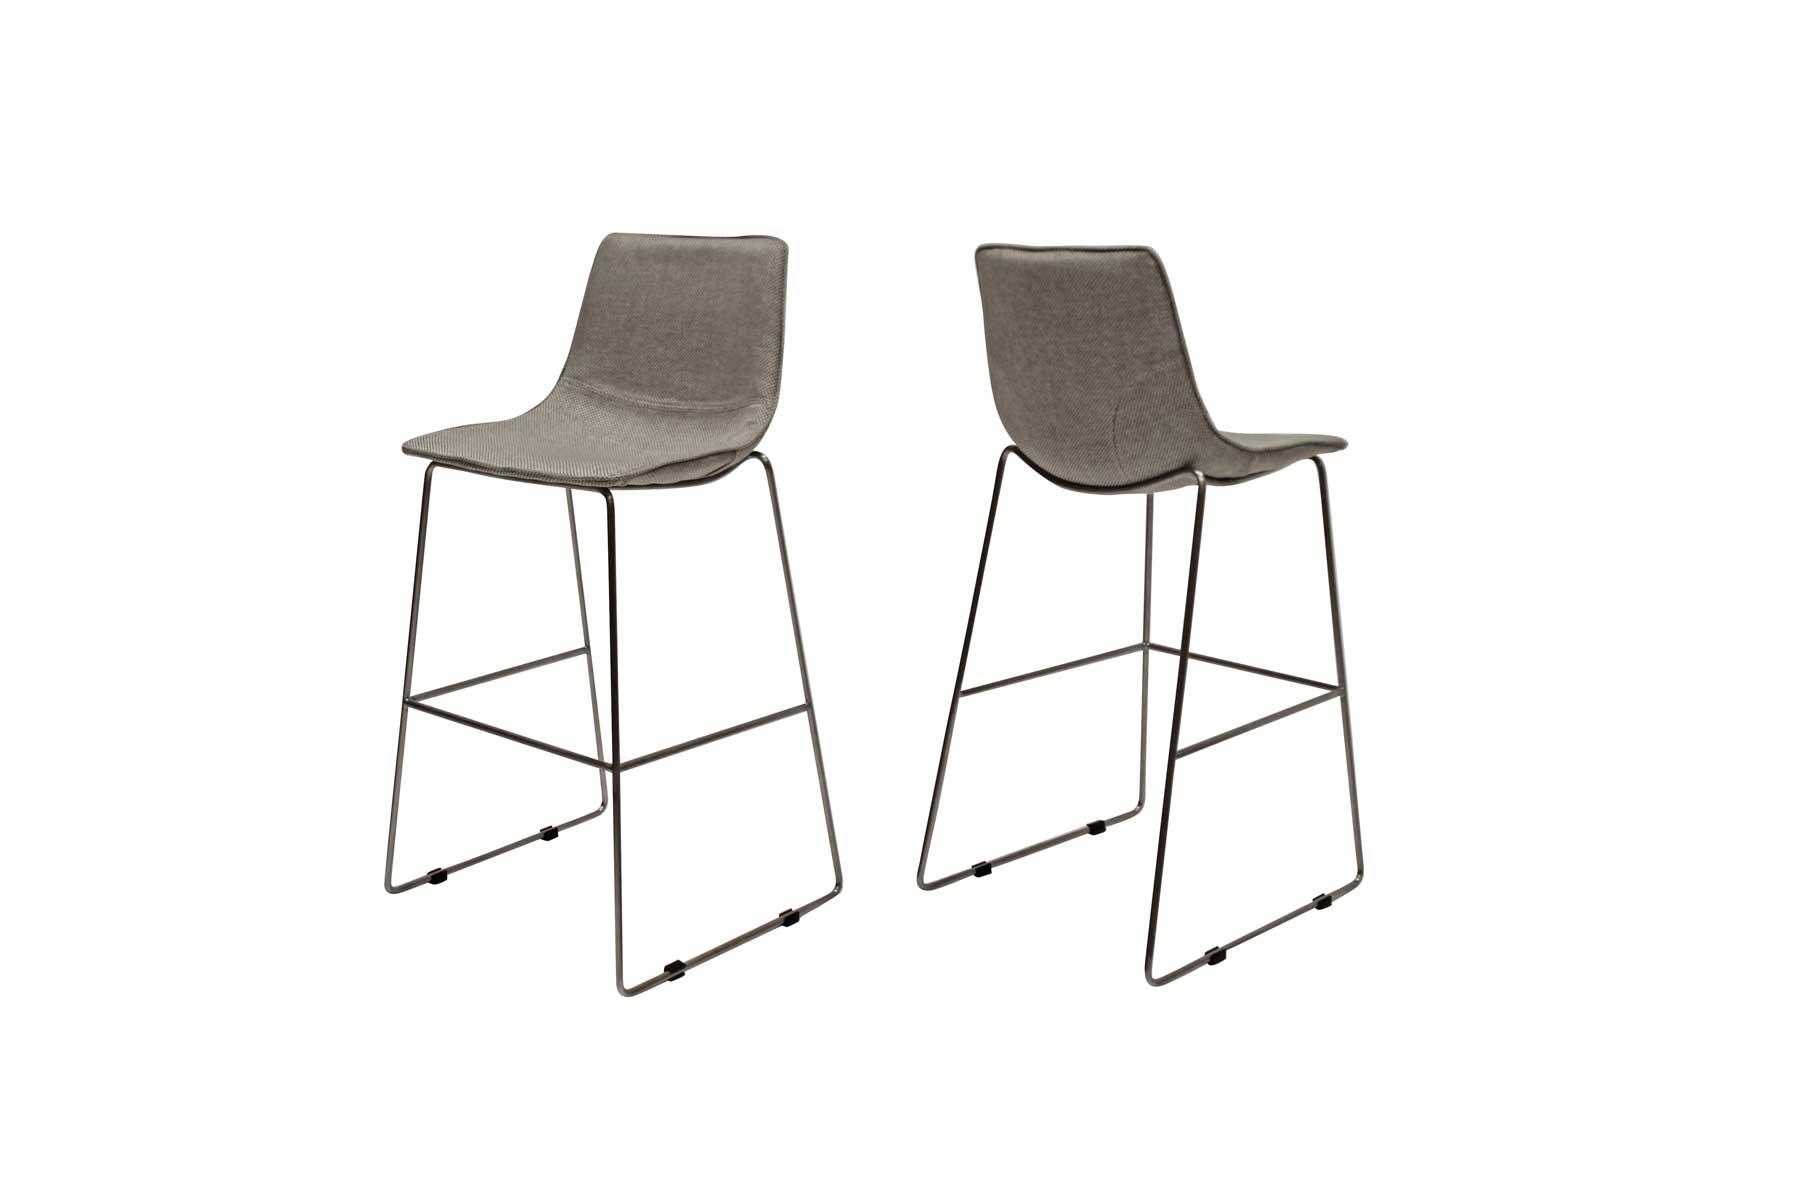 canett Delta barstol i lysegrå på boboonline.dk